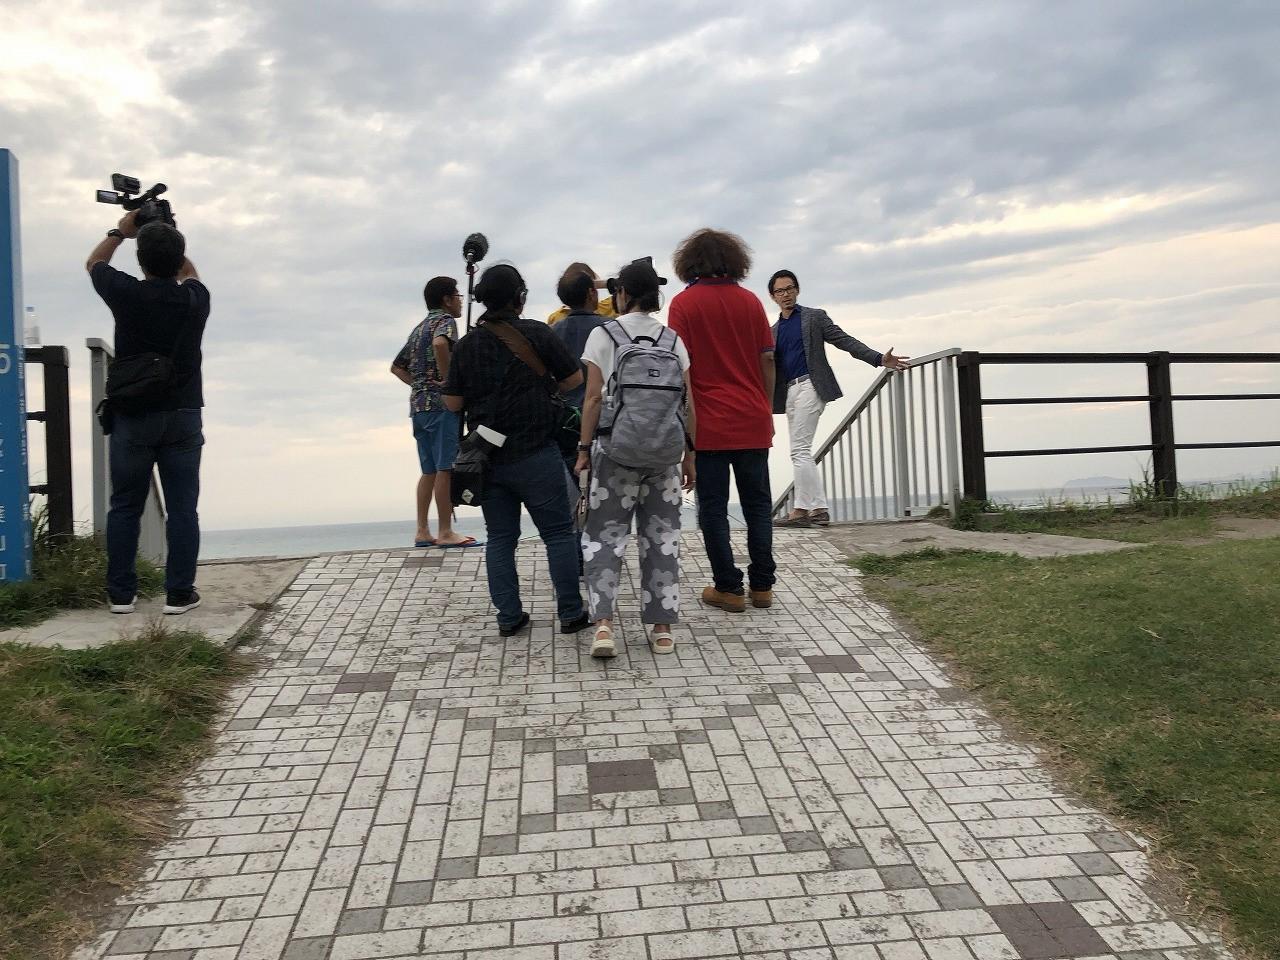 弊社代表の金子が、大浜海岸で具志堅用高さんと吉澤ひとみさんをご案内しています